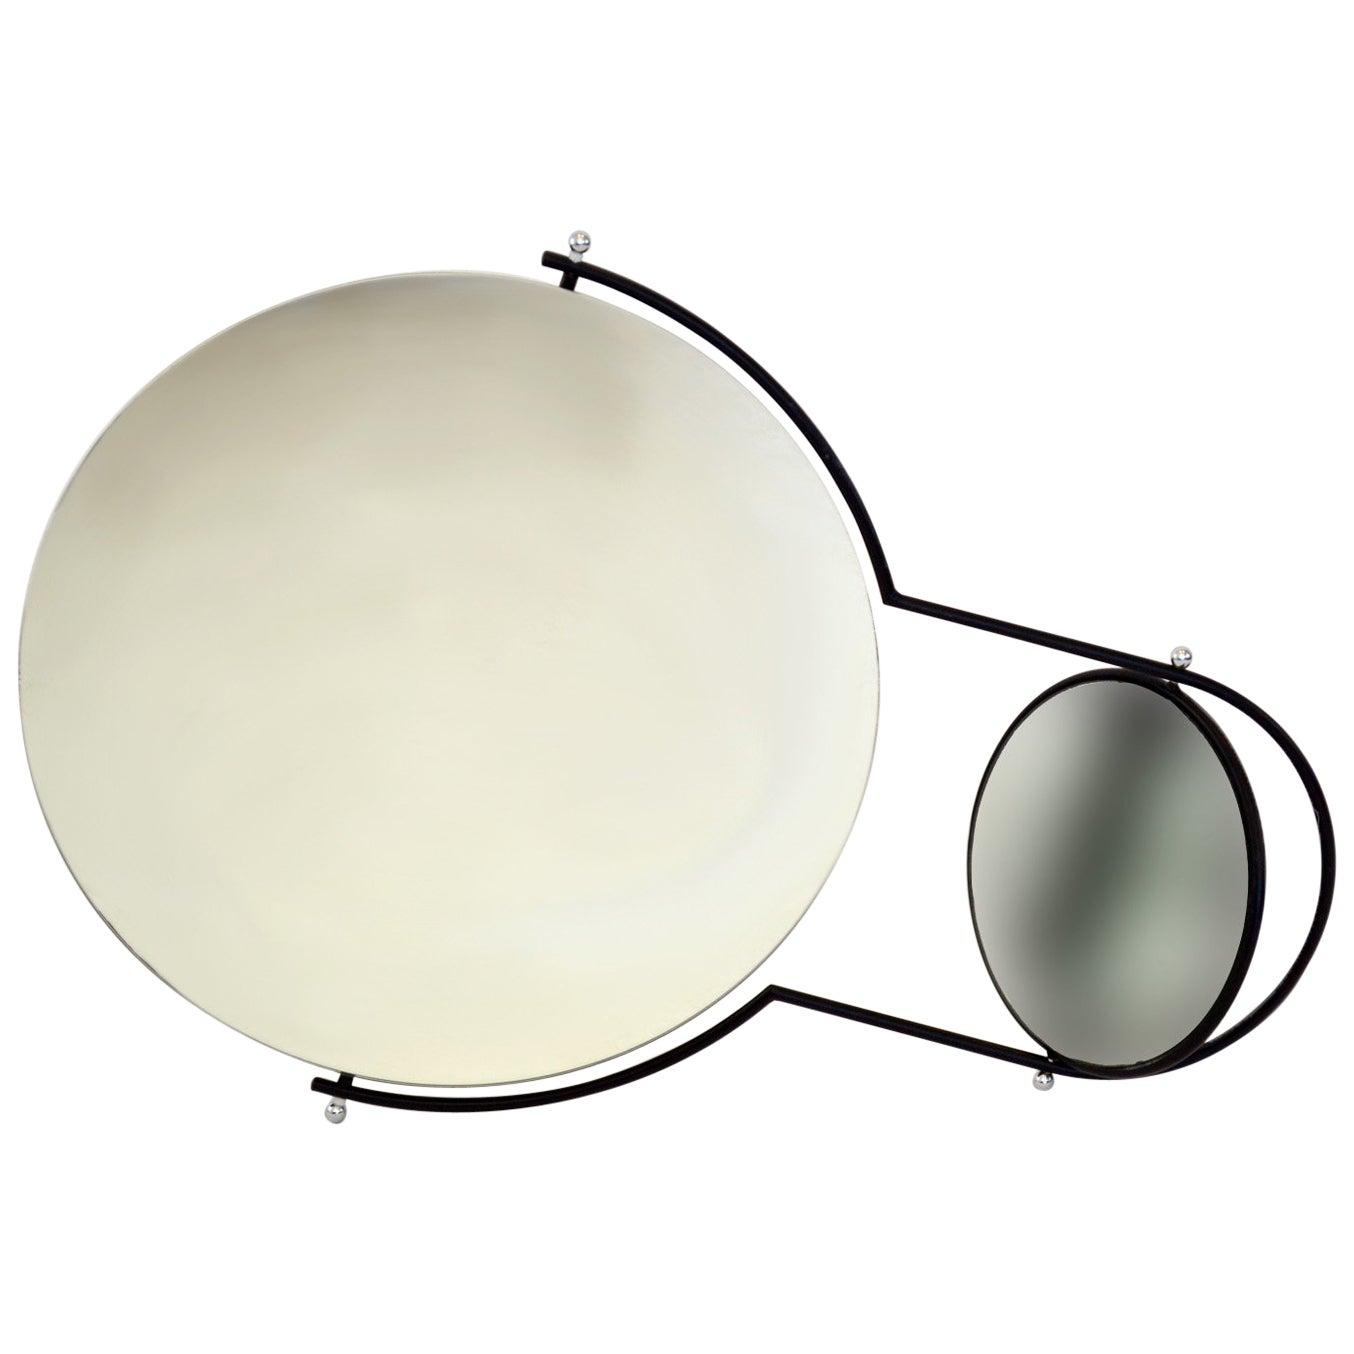 Modernist Wall Mirror by Rodney Kinsman for Bieffeplast, 1980s